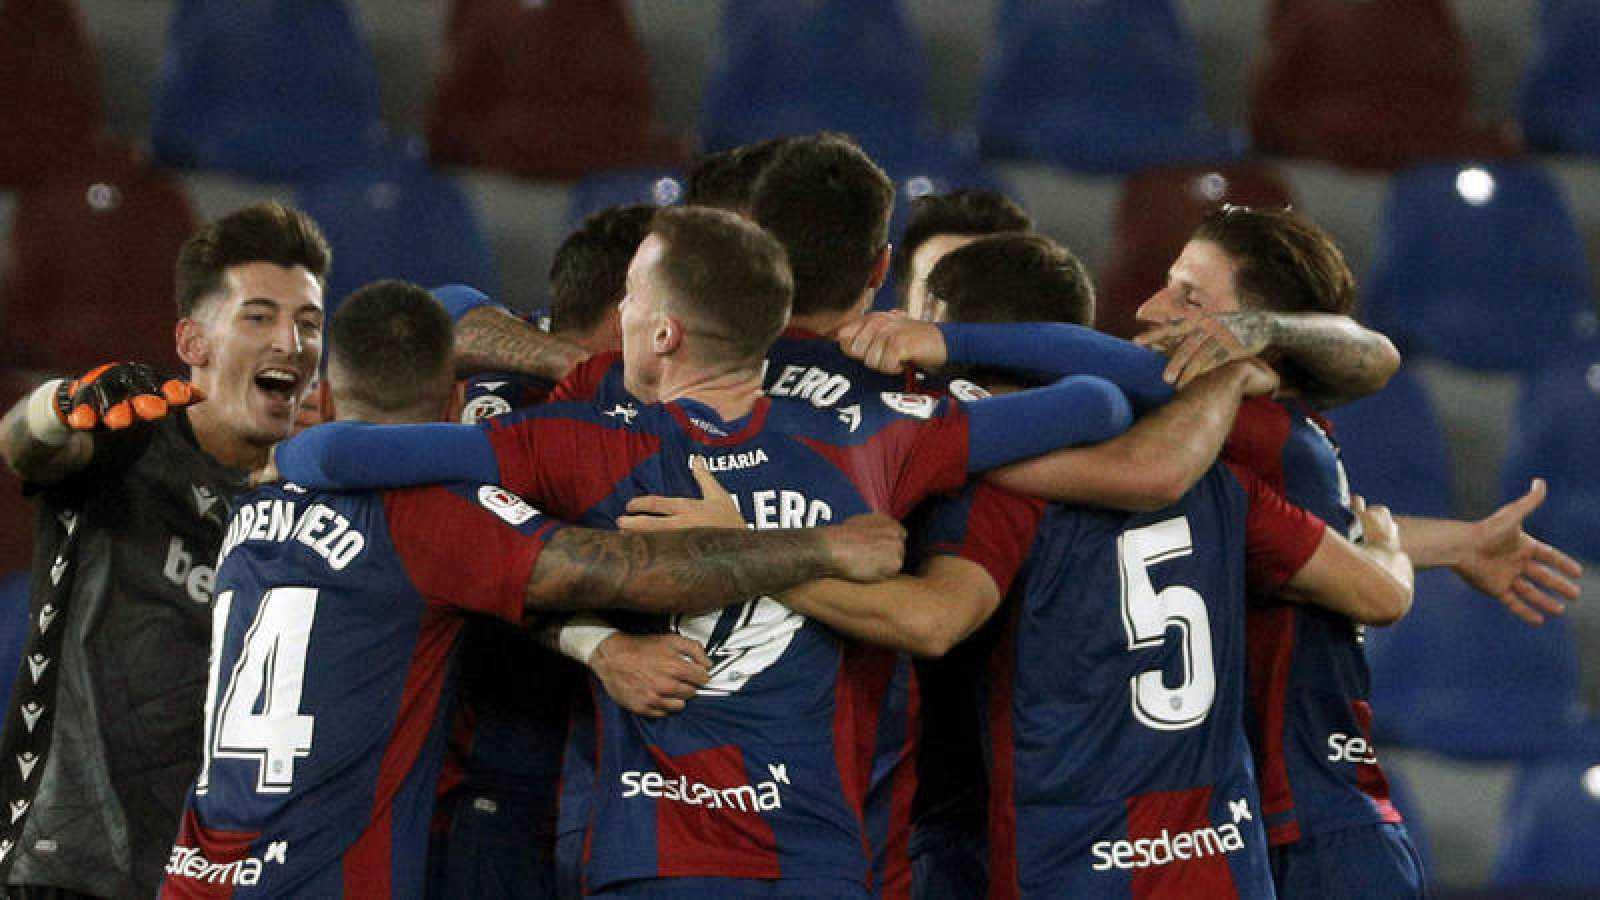 Los jugadores del Levante UD celebran su pase a las semifinales de la Copa del Rey tras derrotar al Villarreal CF